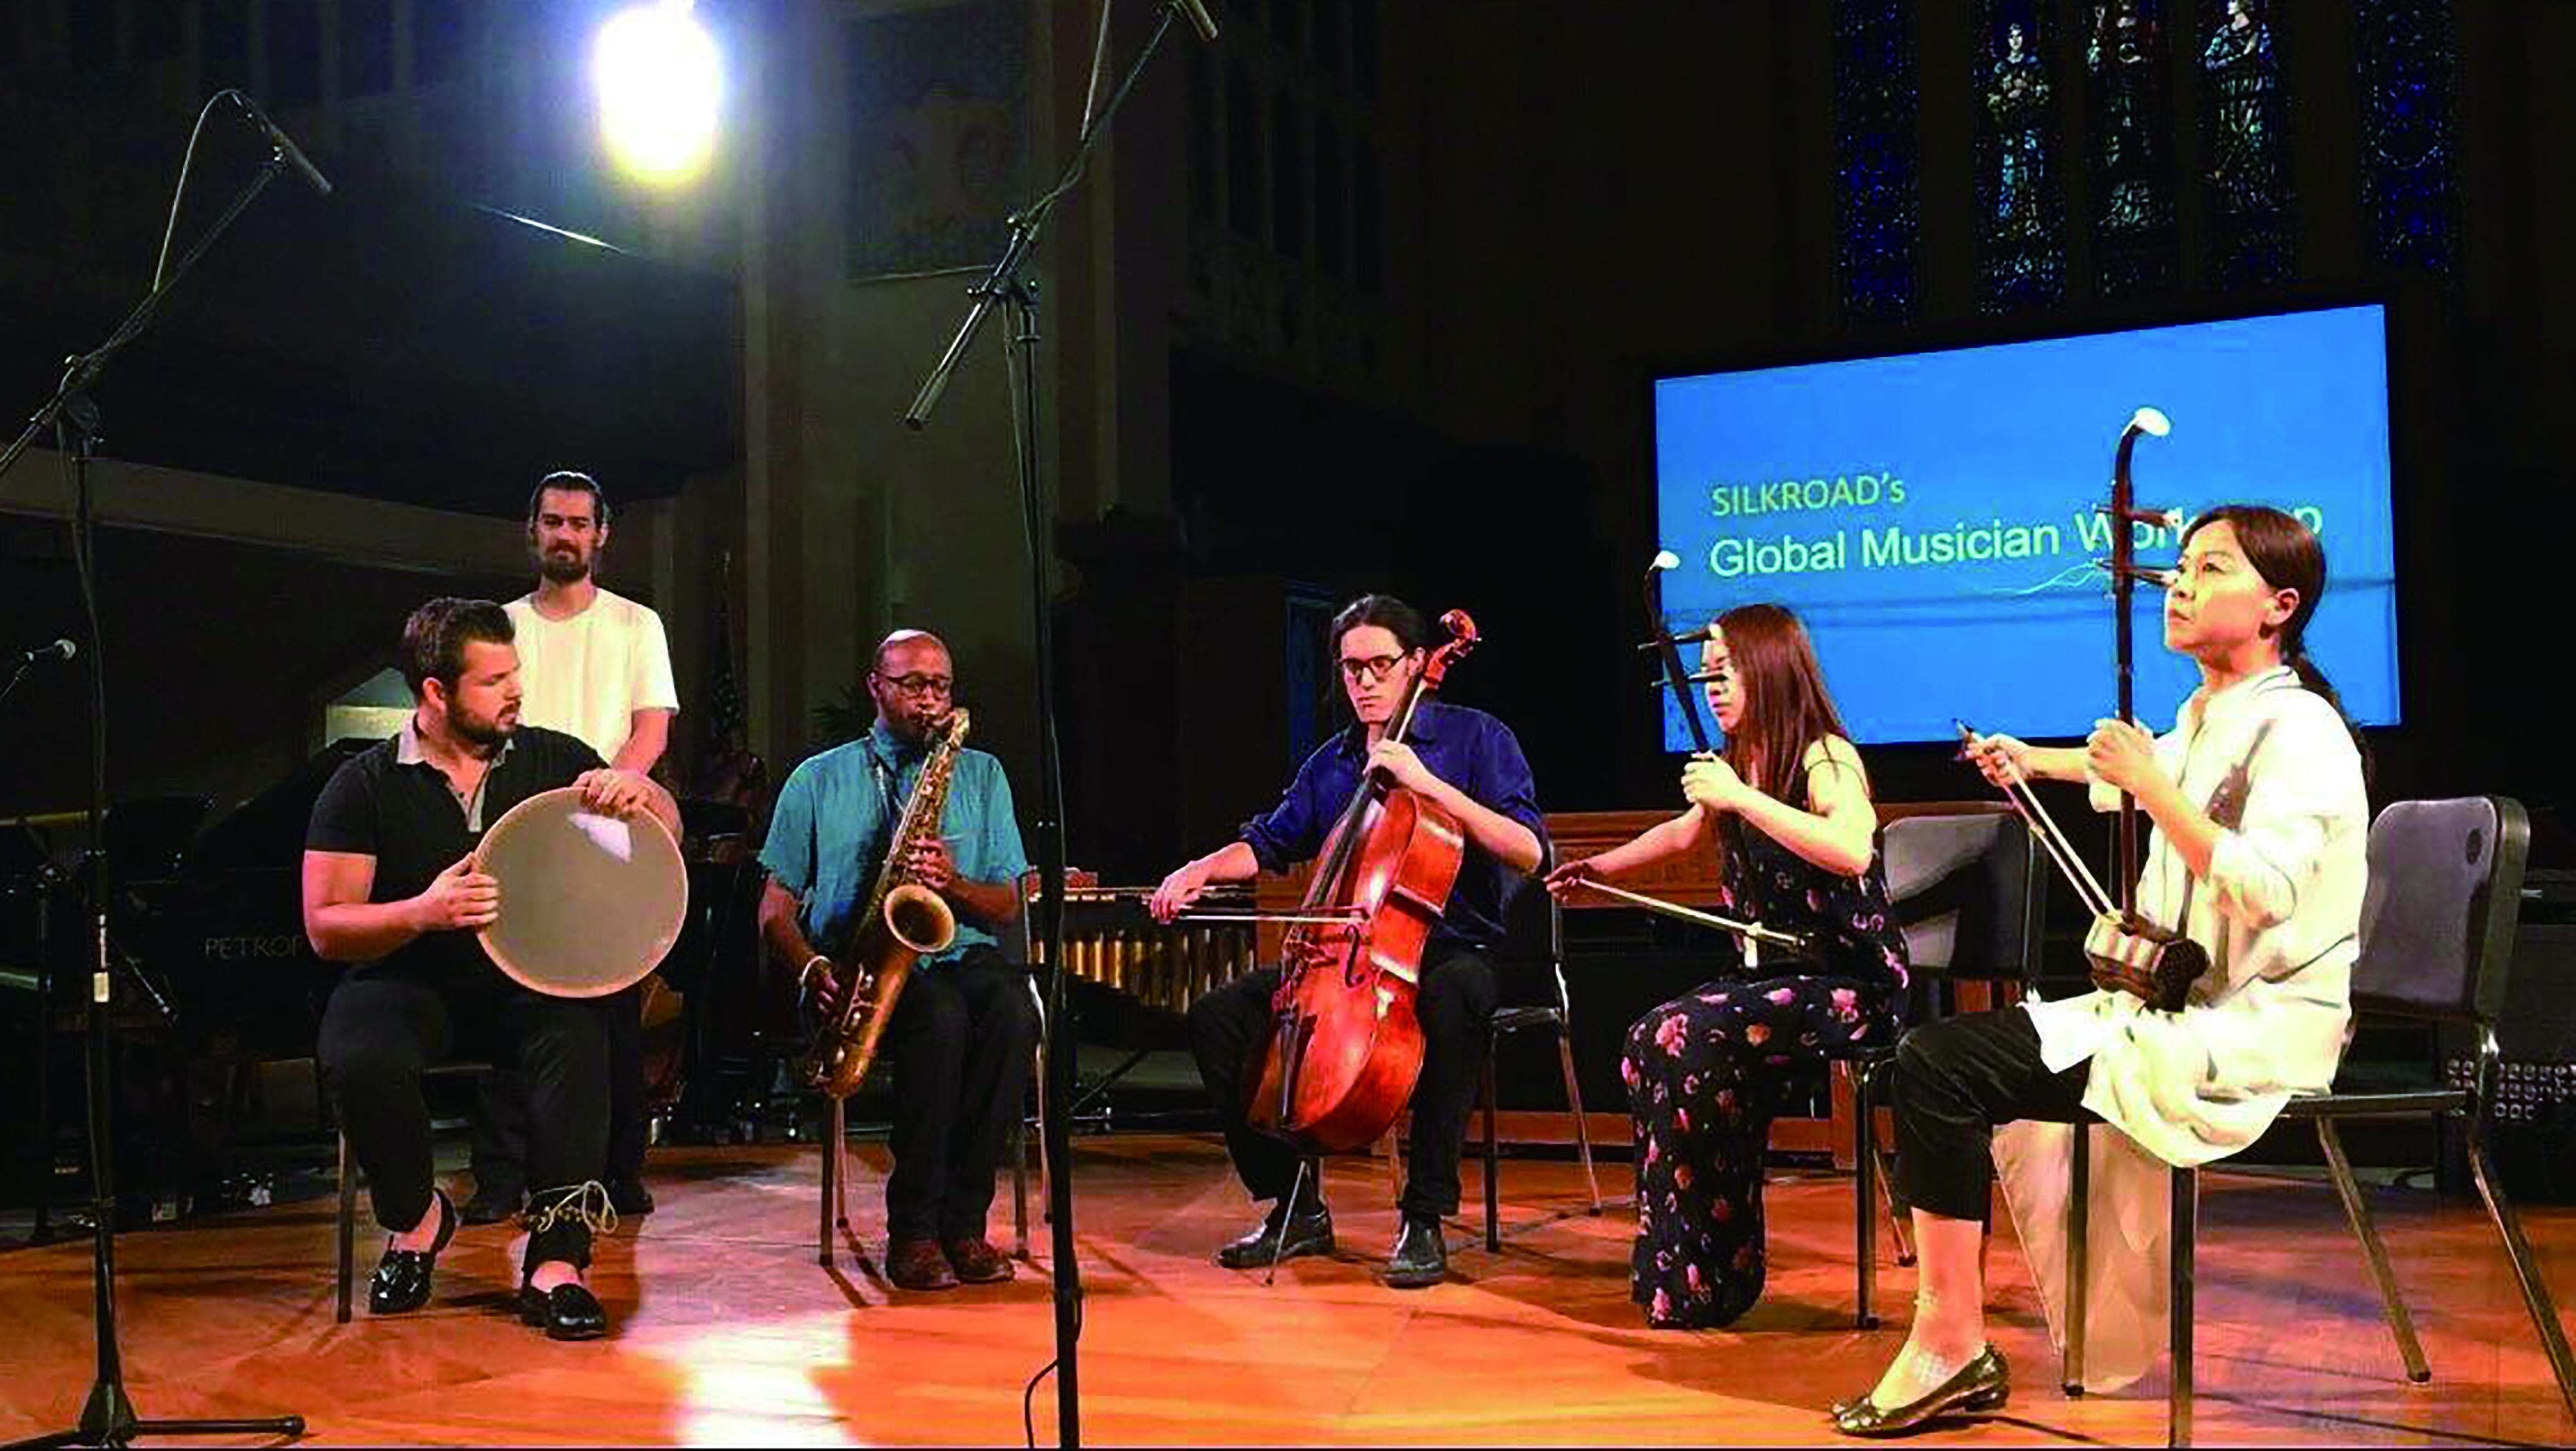 圖5用東方樂器二胡,也可以演奏非洲爵士樂。.jpg